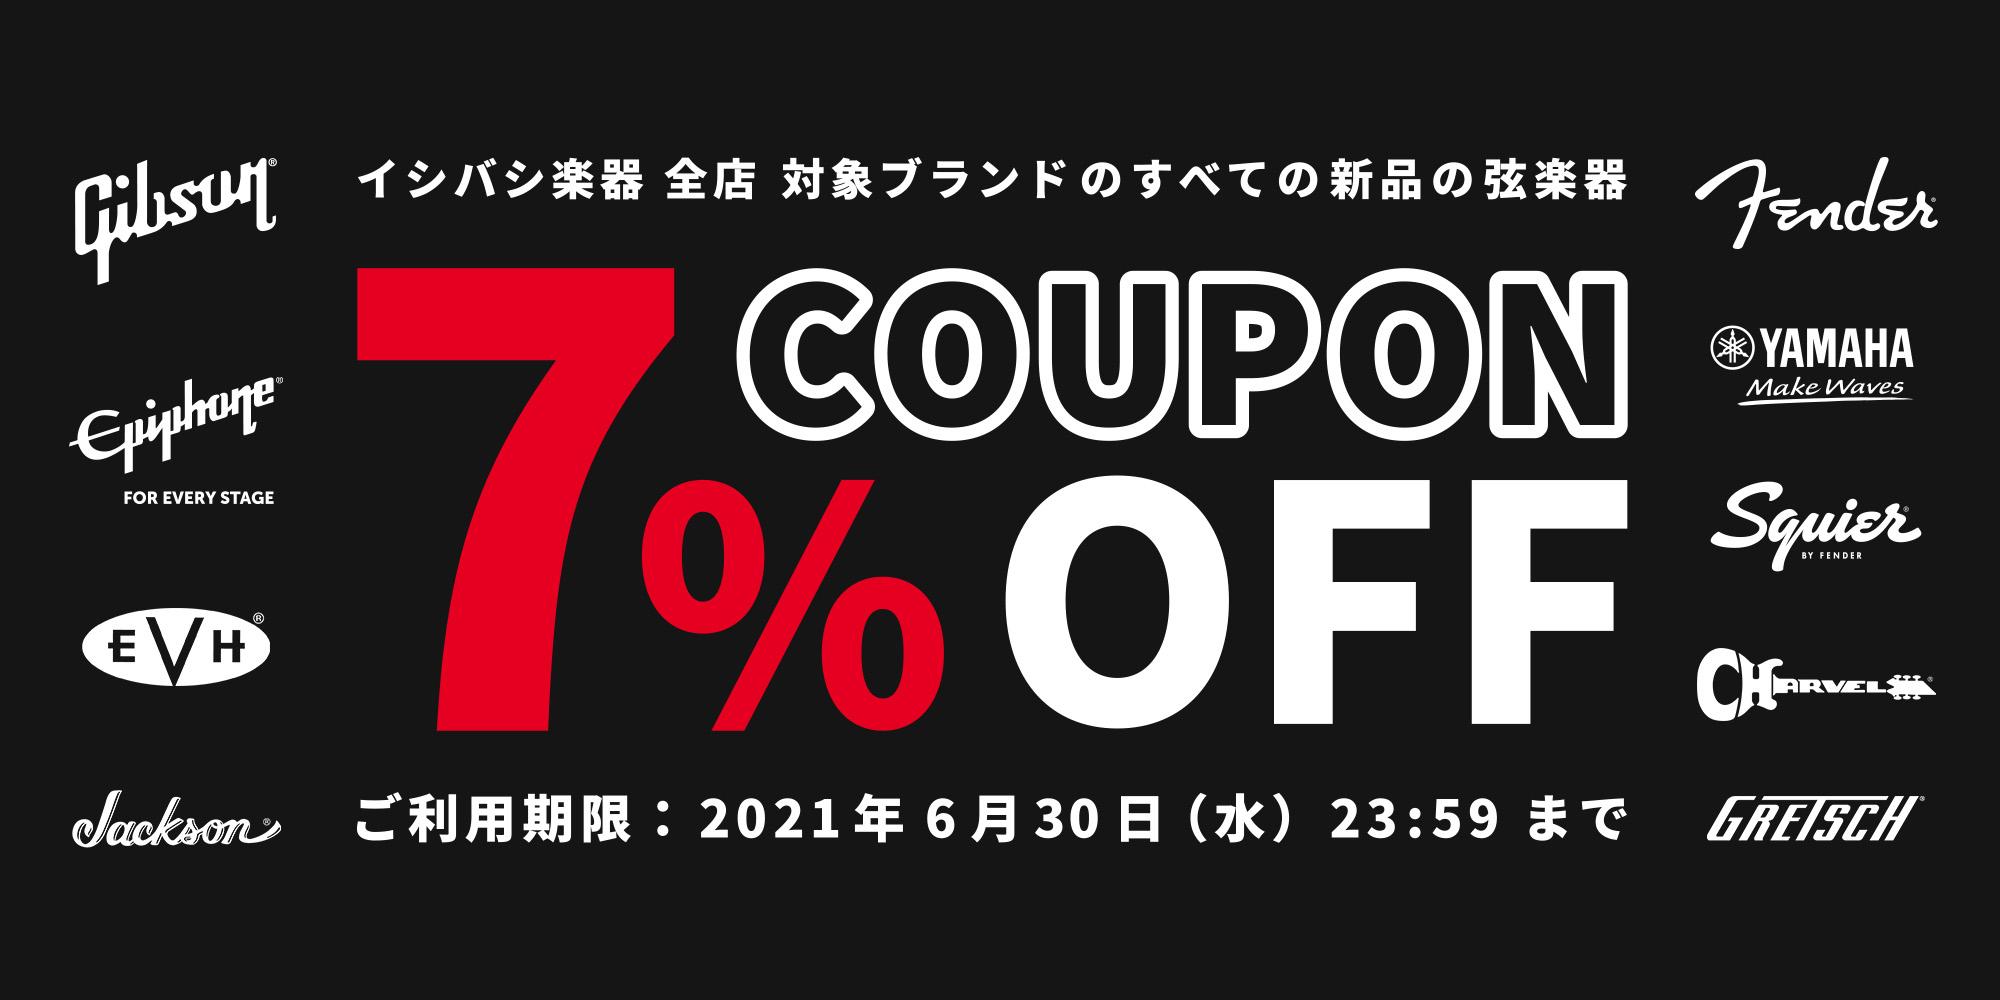 【イシバシ楽器 全店】このブランドの全ての弦楽器 7%OFF COUPON!【イシバシ楽器】